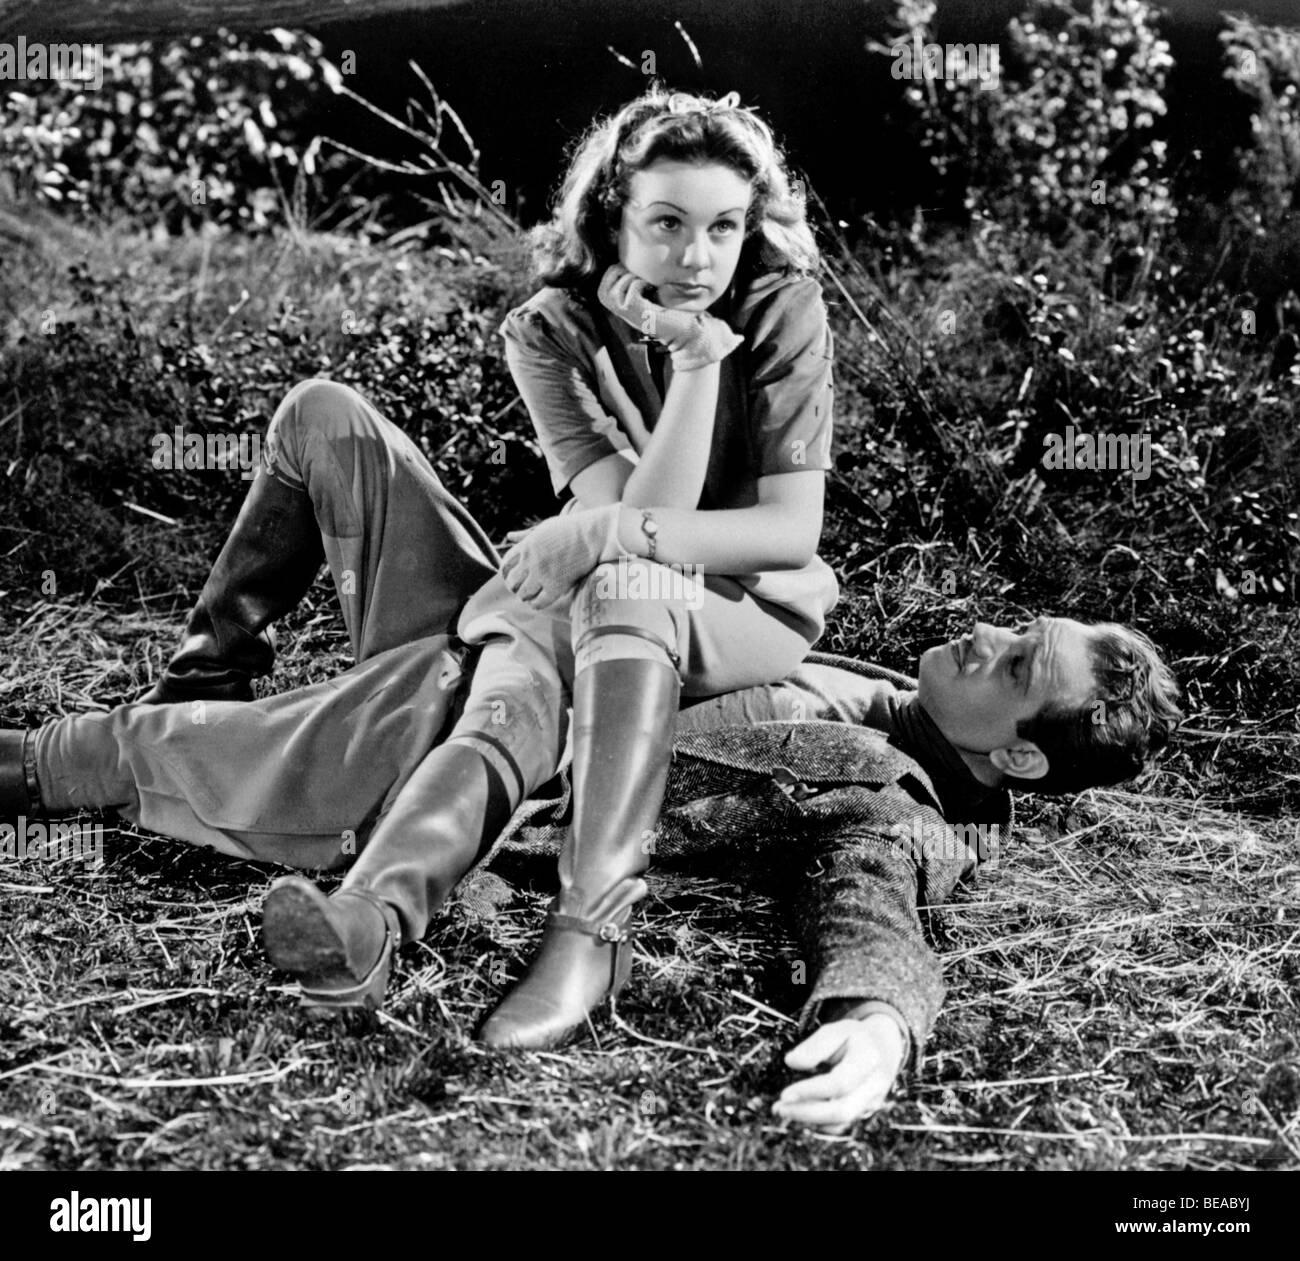 DIESEM bestimmten Alter - 1938 Universal Film mit Deanna Durbin Stockbild